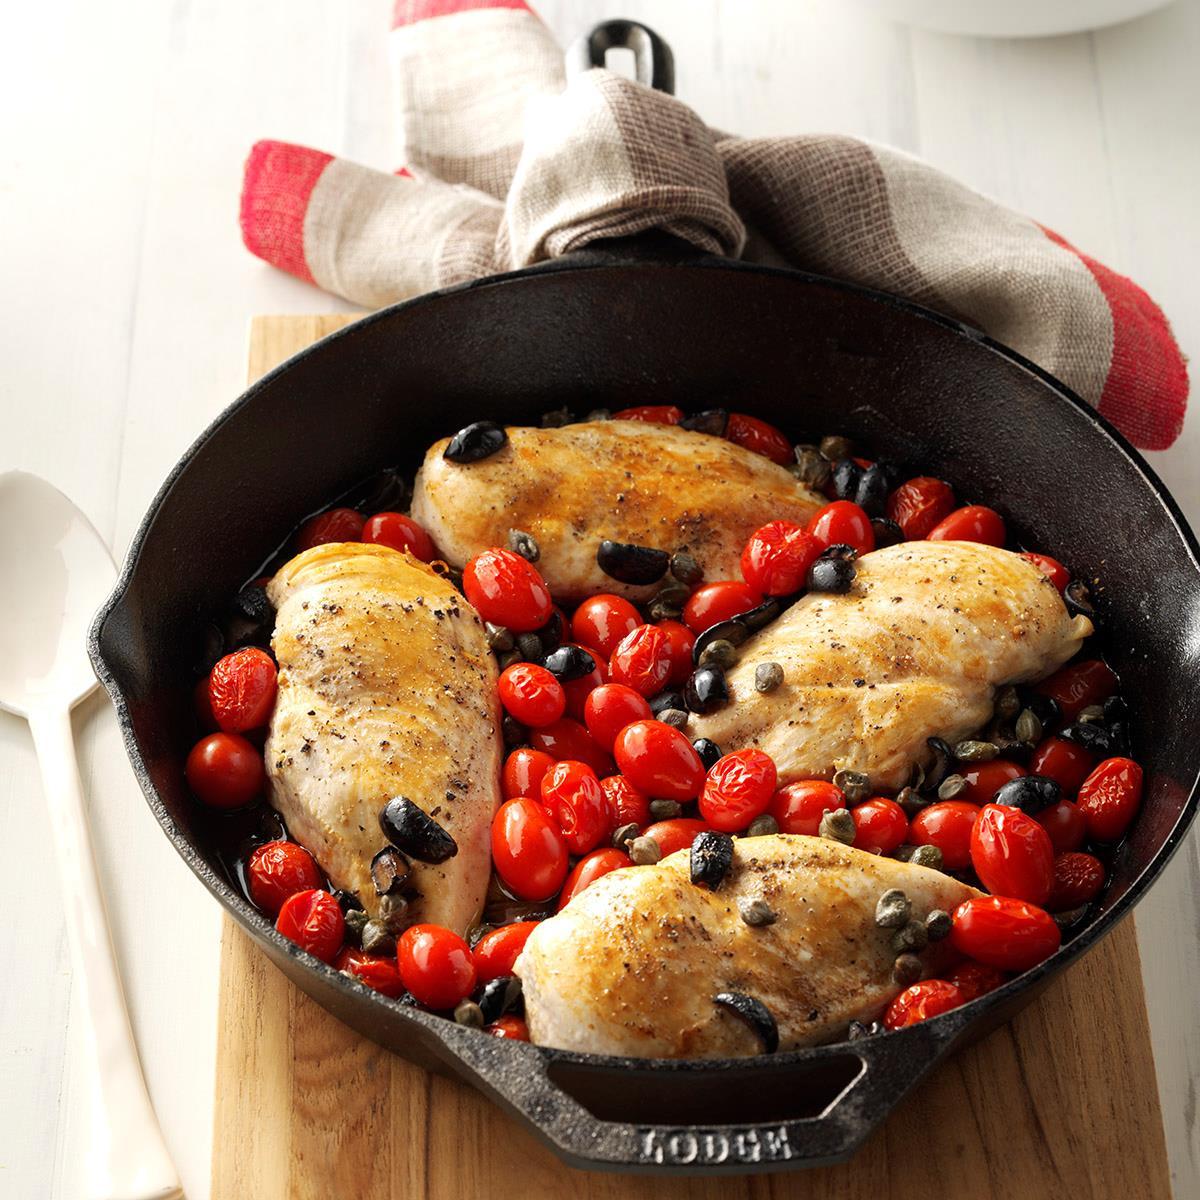 Mediterranean Style Recipes: Mediterranean Chicken Recipe